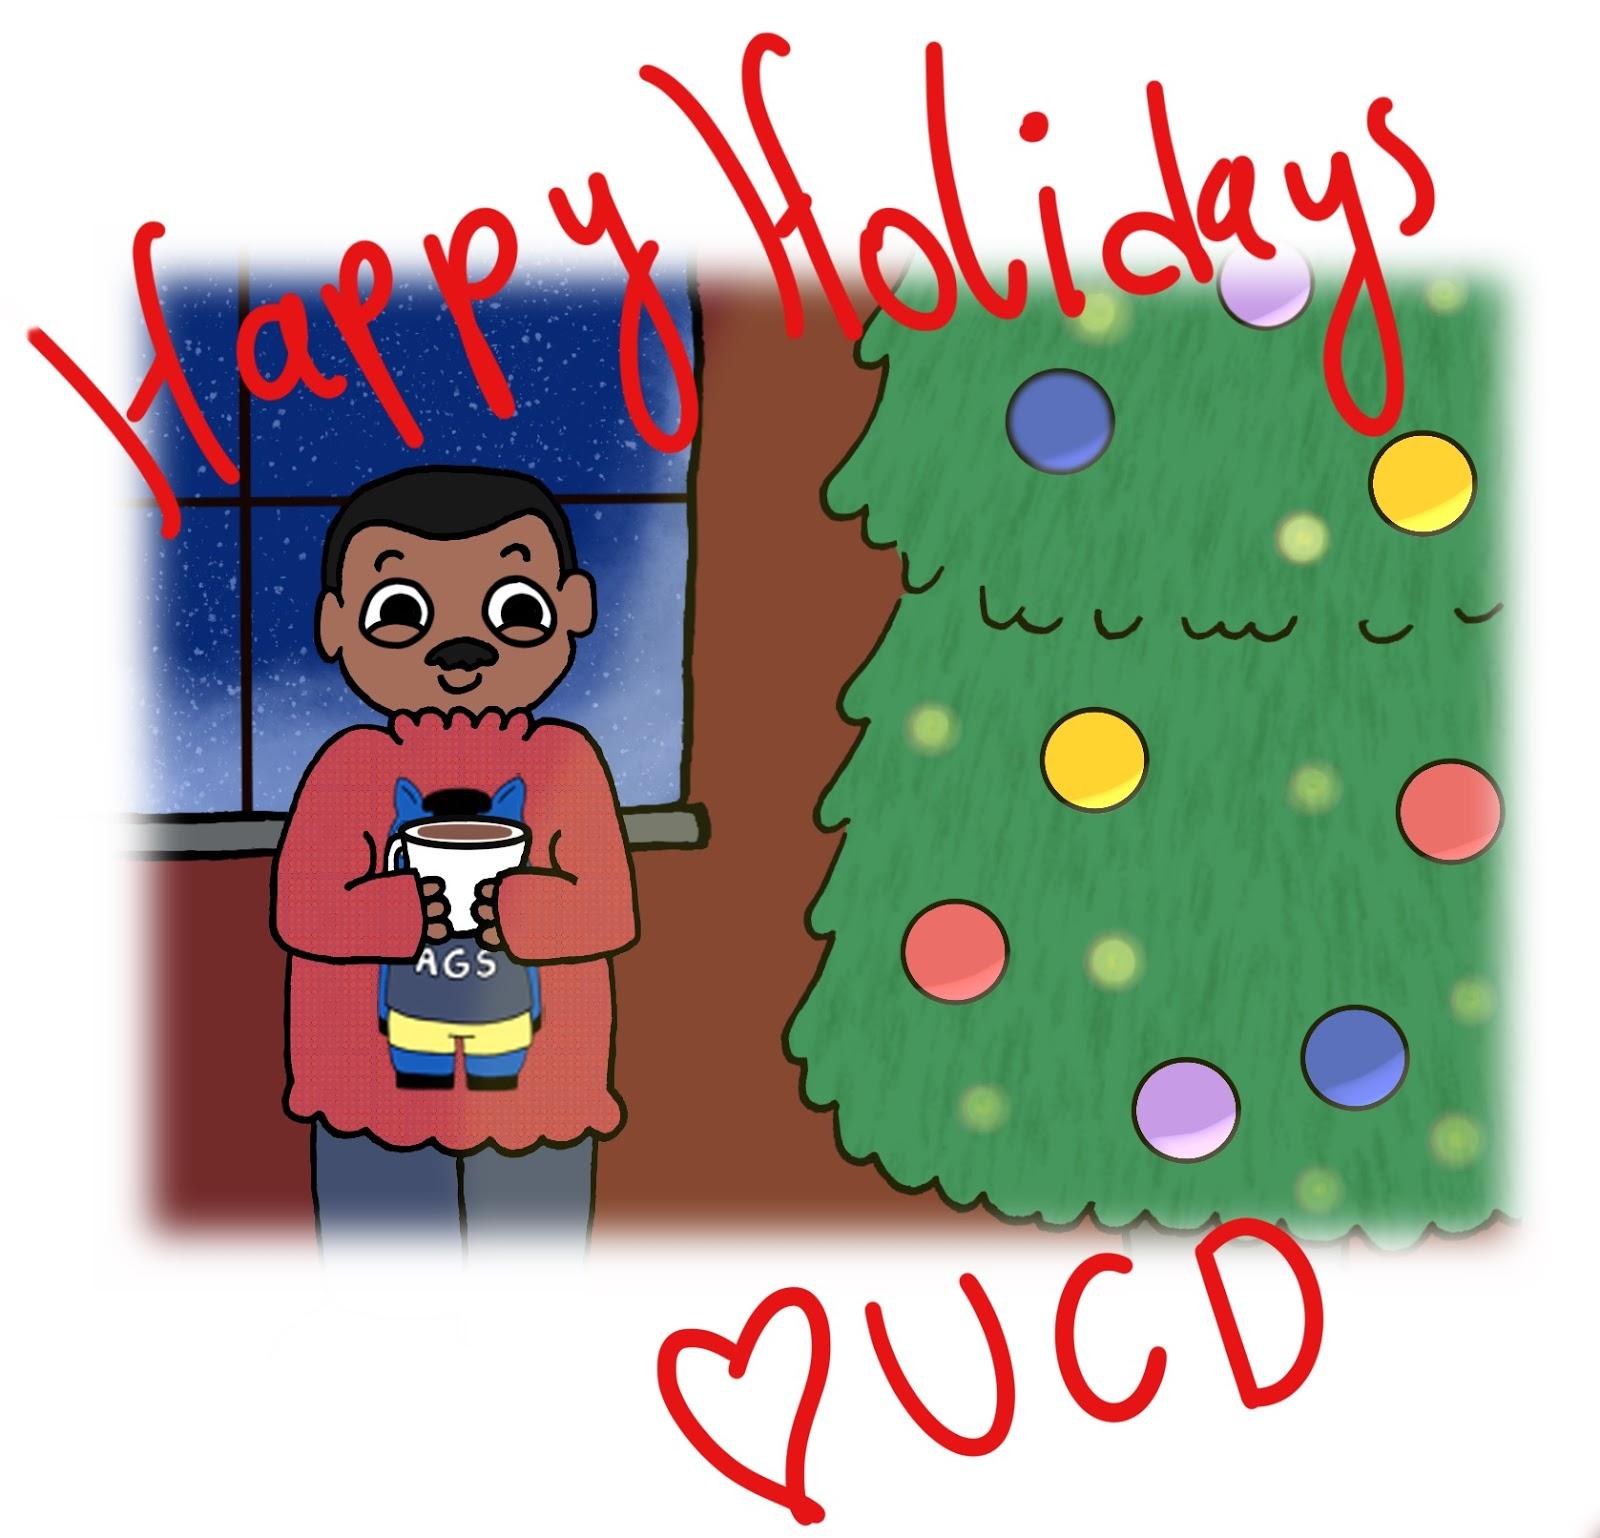 Gary May's Christmas Card